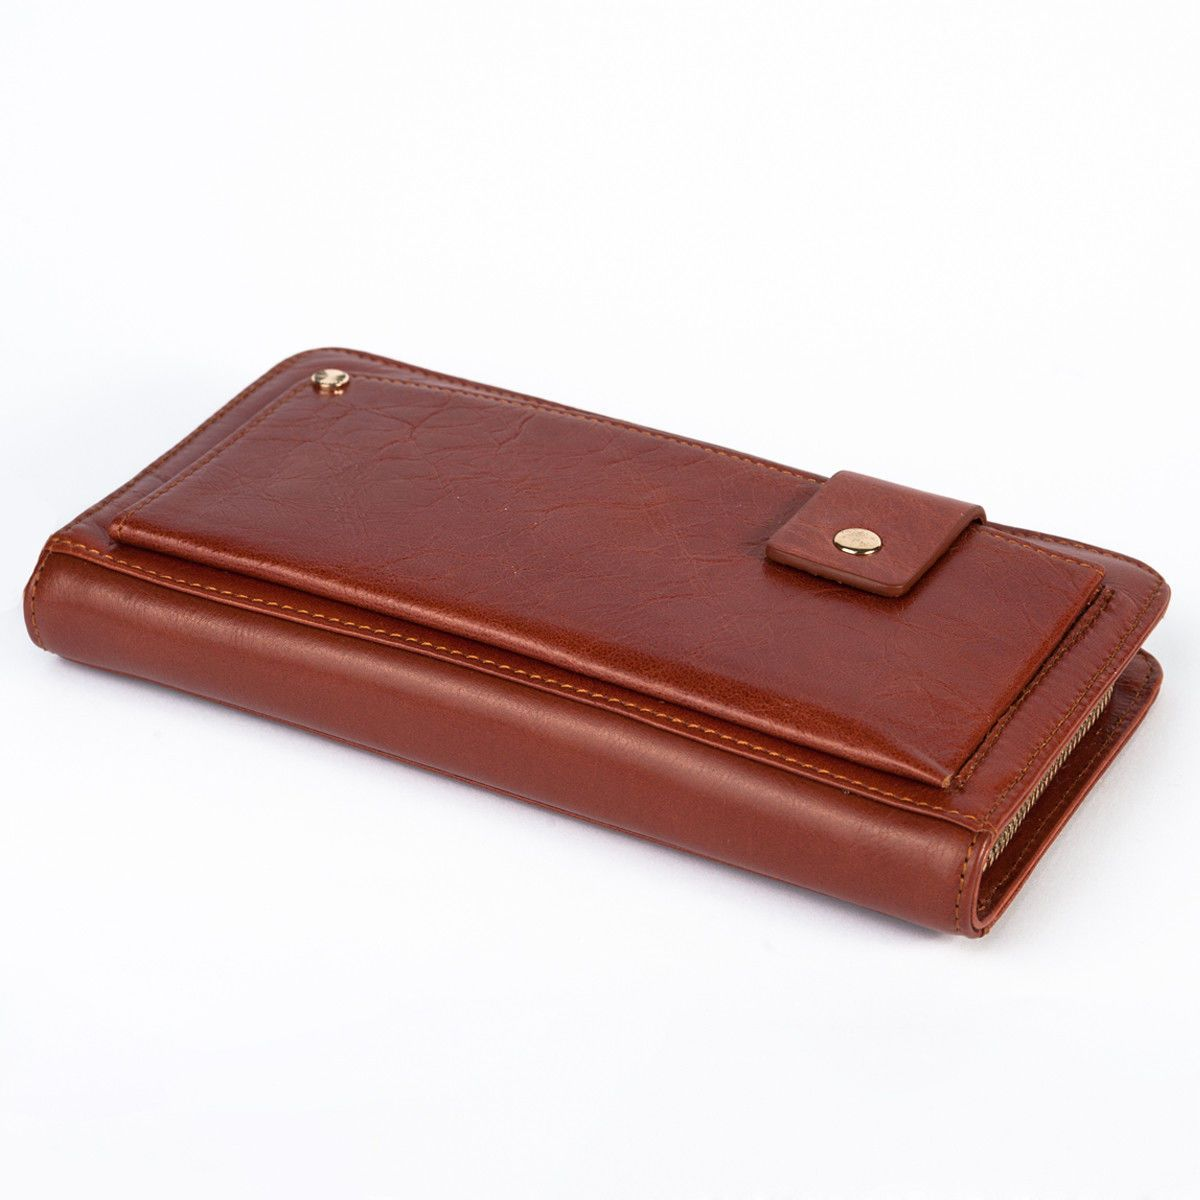 ca332c73c9ff Кожаный клатч JMD 8019B – в интернет-магазине Clutch&Clutch. Натуральная  кожа. Размеры: 21.5 * 11.5 * 2.5 см. #кожаныйклатч #мужскойклатч